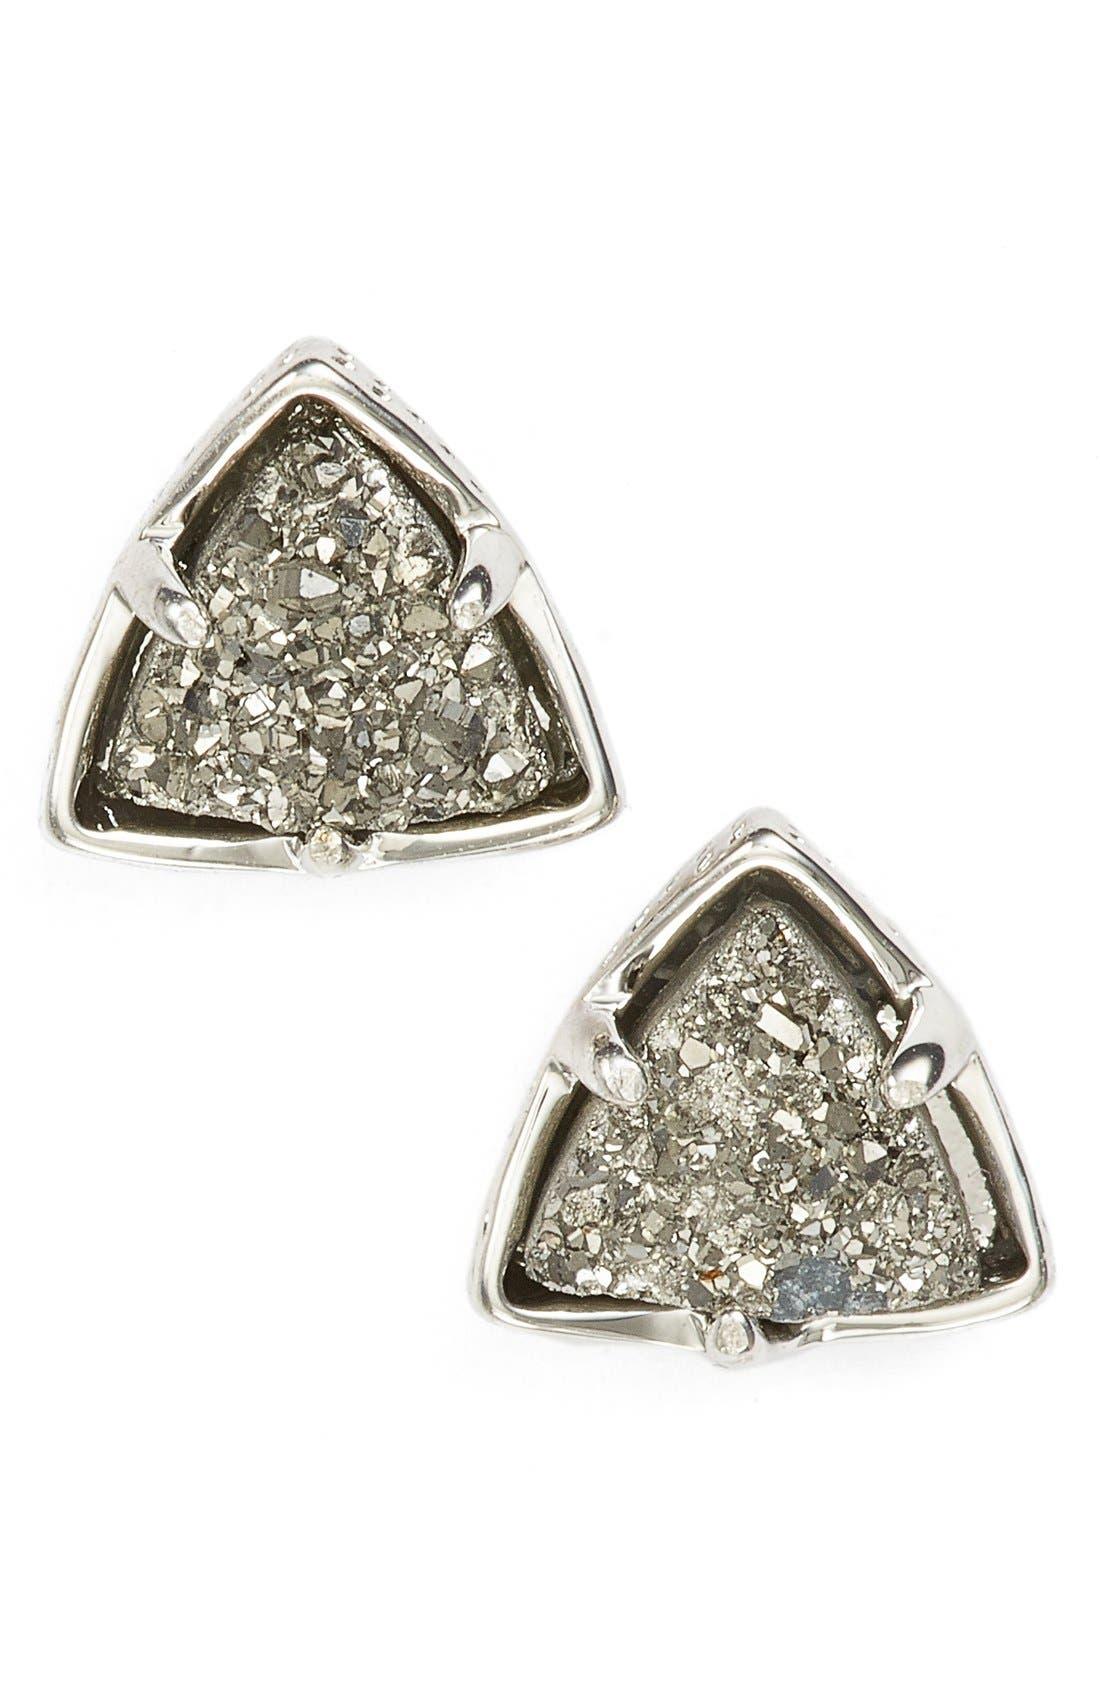 Main Image - Kendra Scott 'Parker' Drusy Stud Earrings